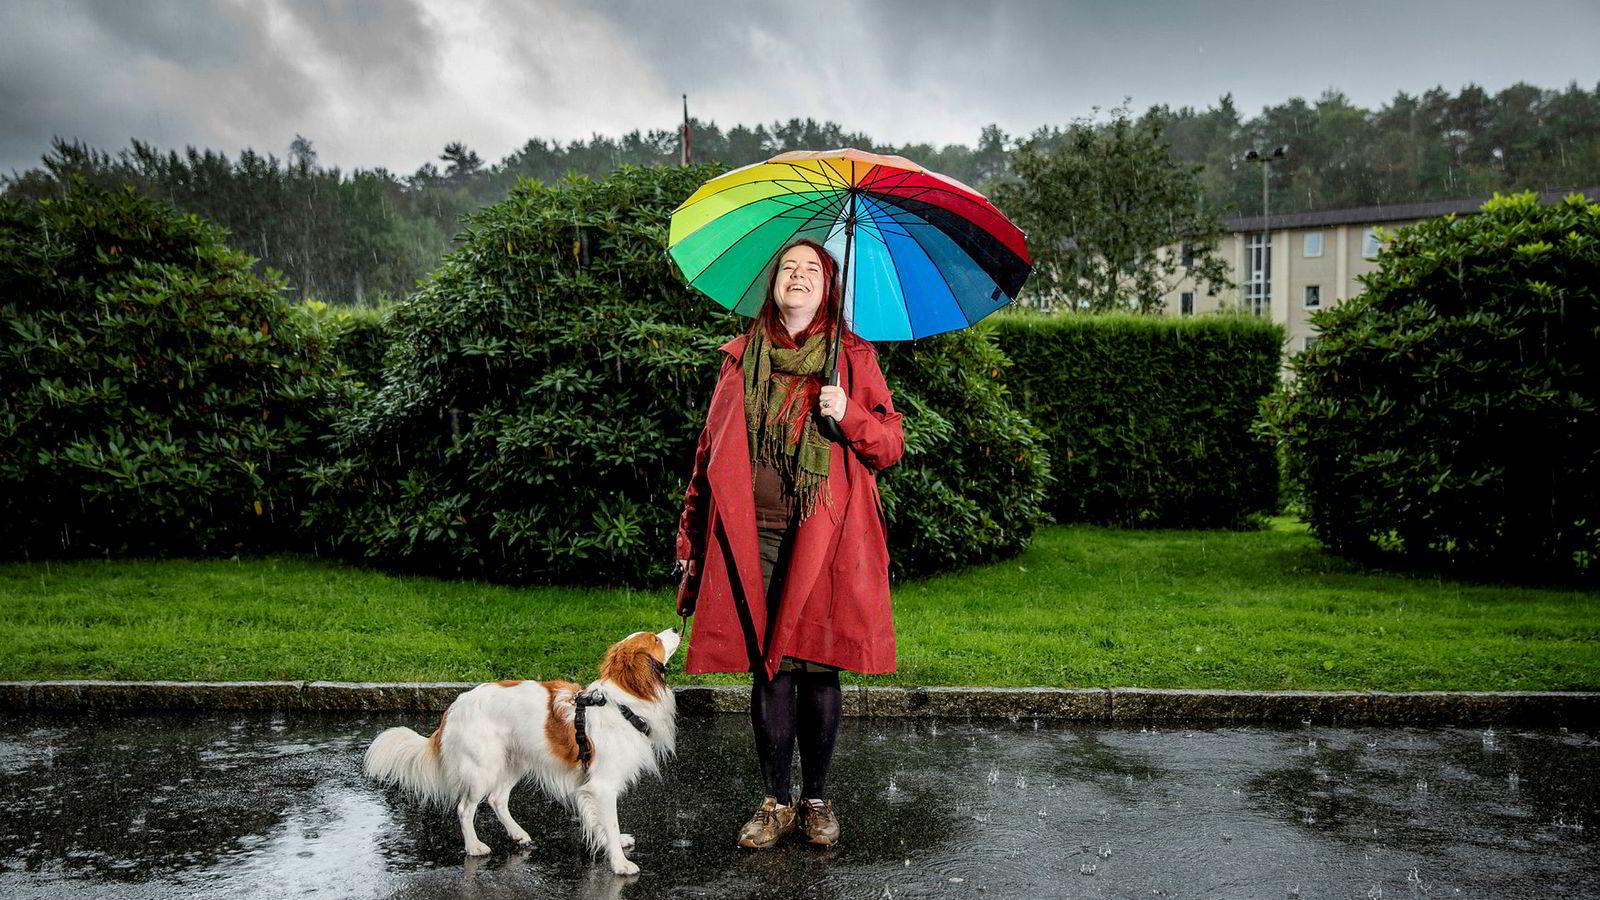 Mari Gjengedal (30) drives mer av indre motivasjon og engasjement enn av eksterne belønninger og anerkjennelse. – For min del handler det om å få være et helt menneske og få muligheten til å bruke de ulike evnene jeg har, sier Gjengedal, som bor og har hjemmekontor i Loddefjord i Bergen